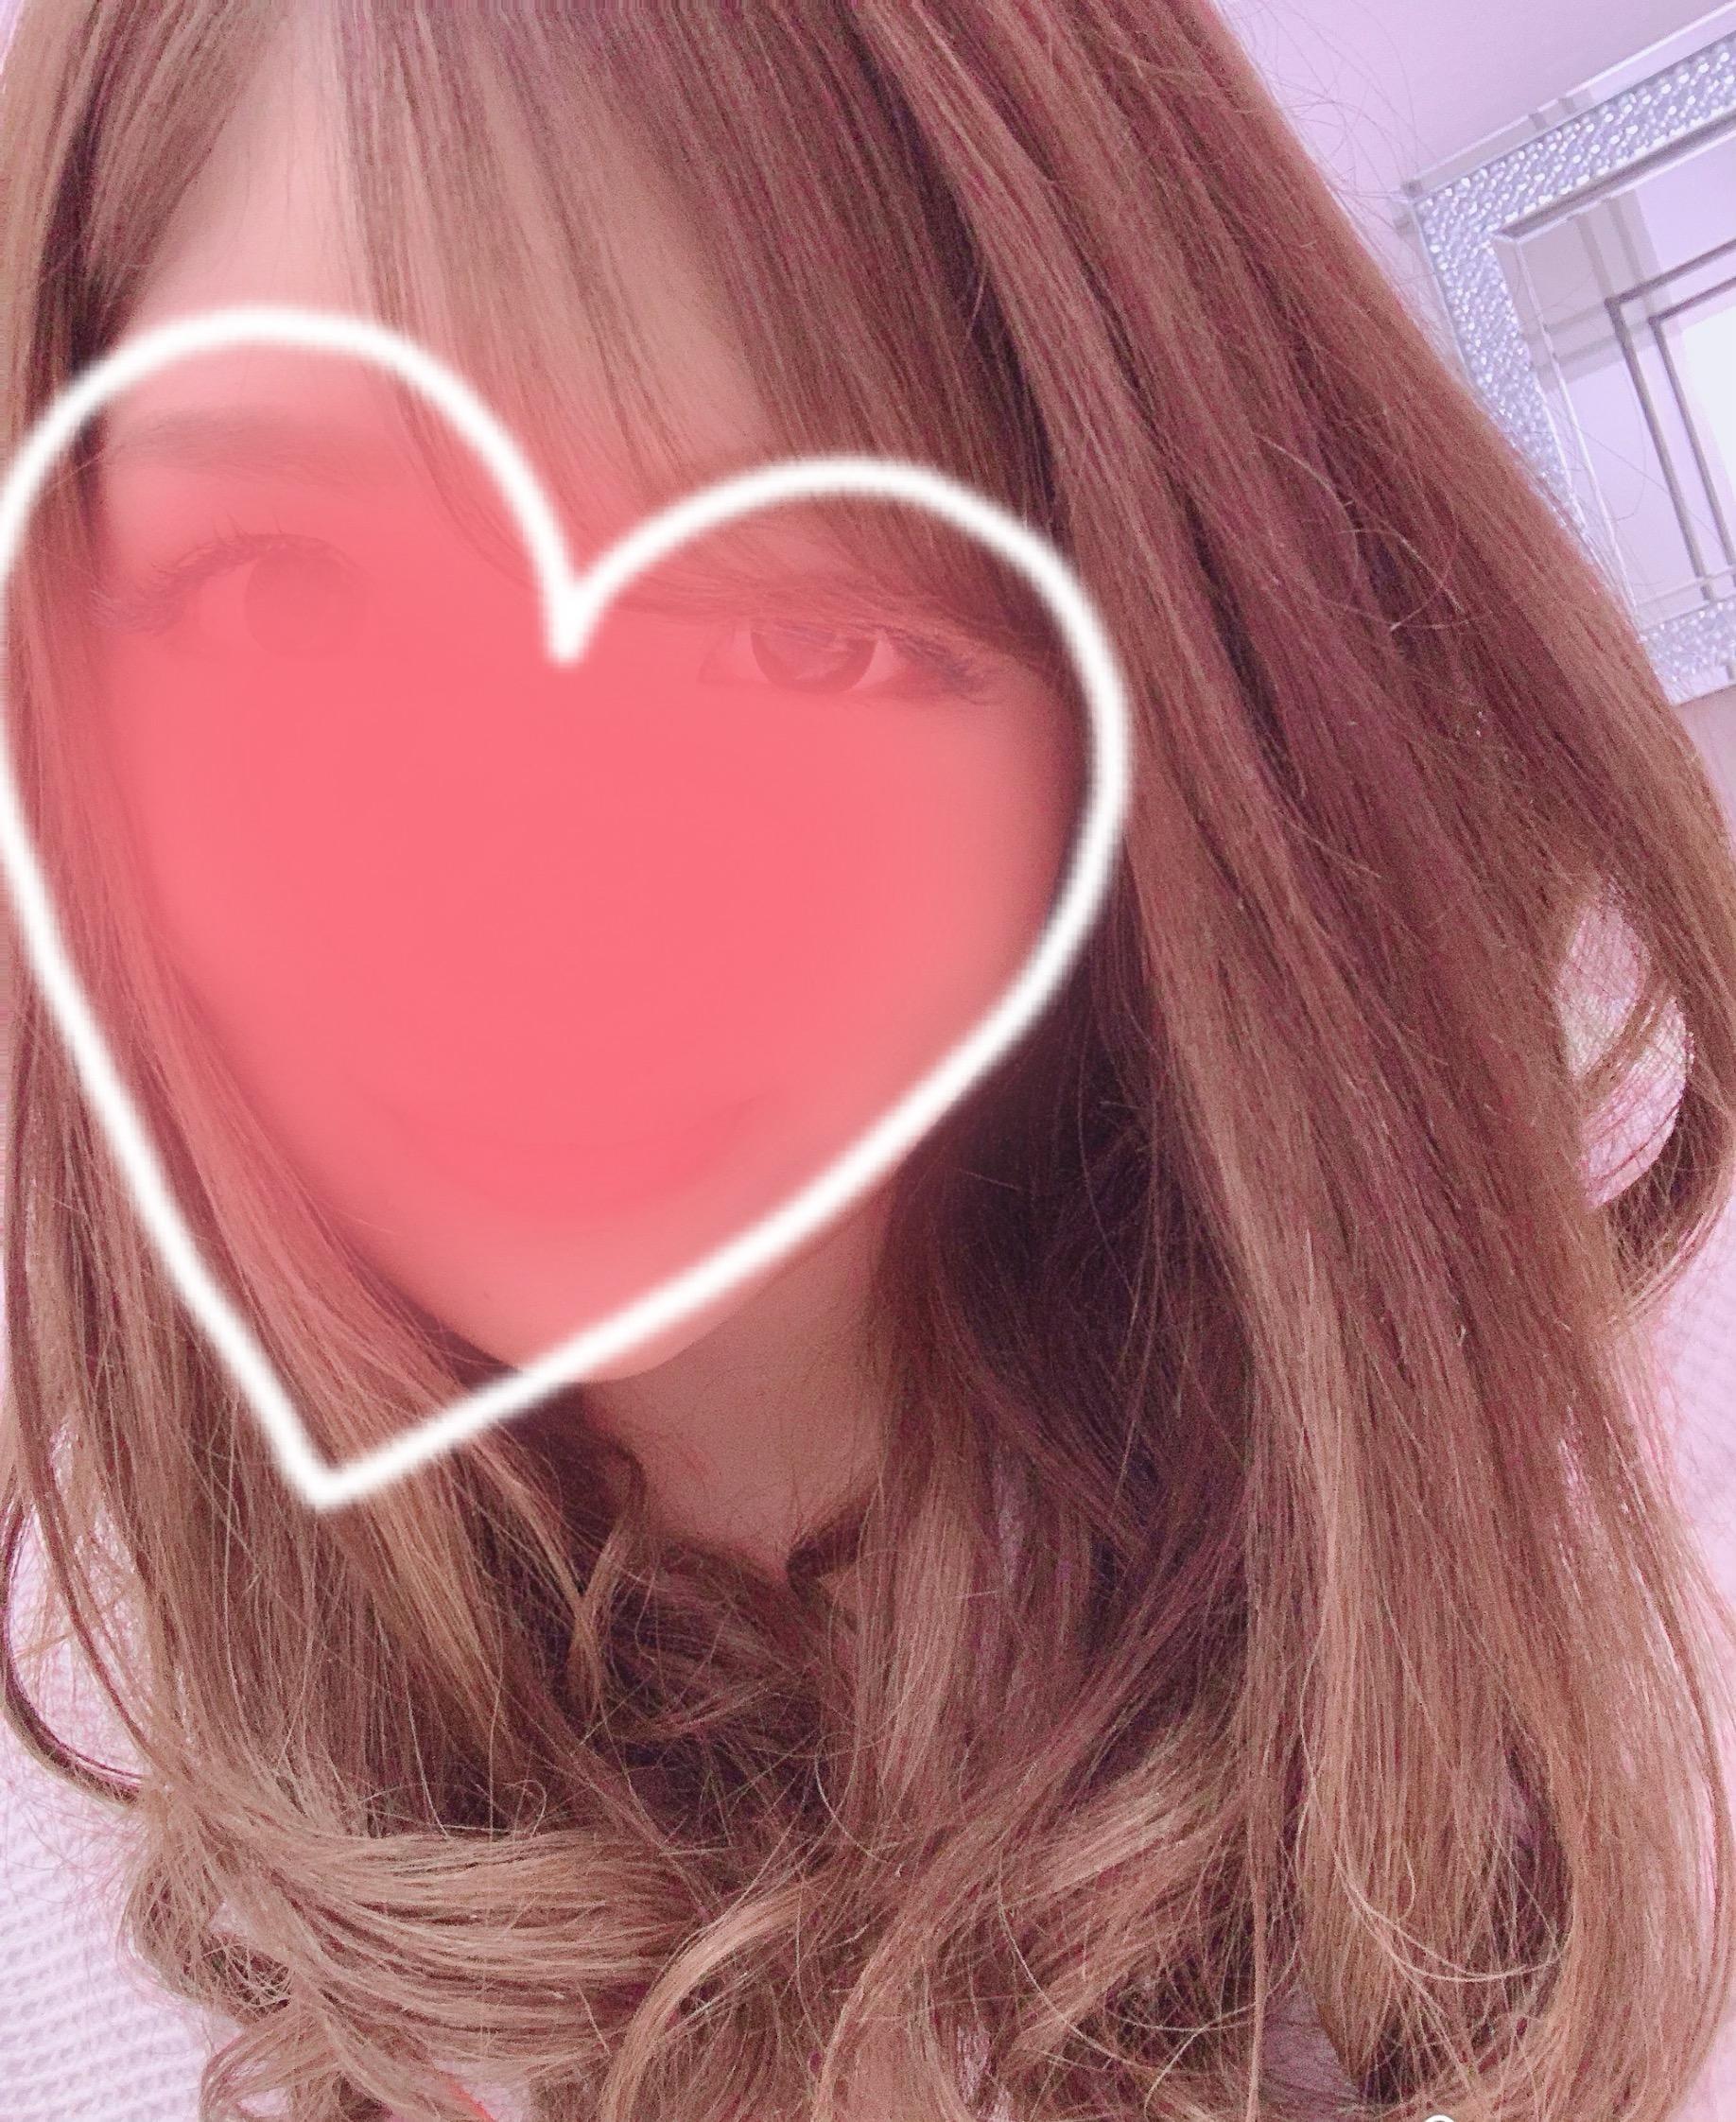 ナオ「こんばんは」08/22(木) 00:50 | ナオの写メ・風俗動画